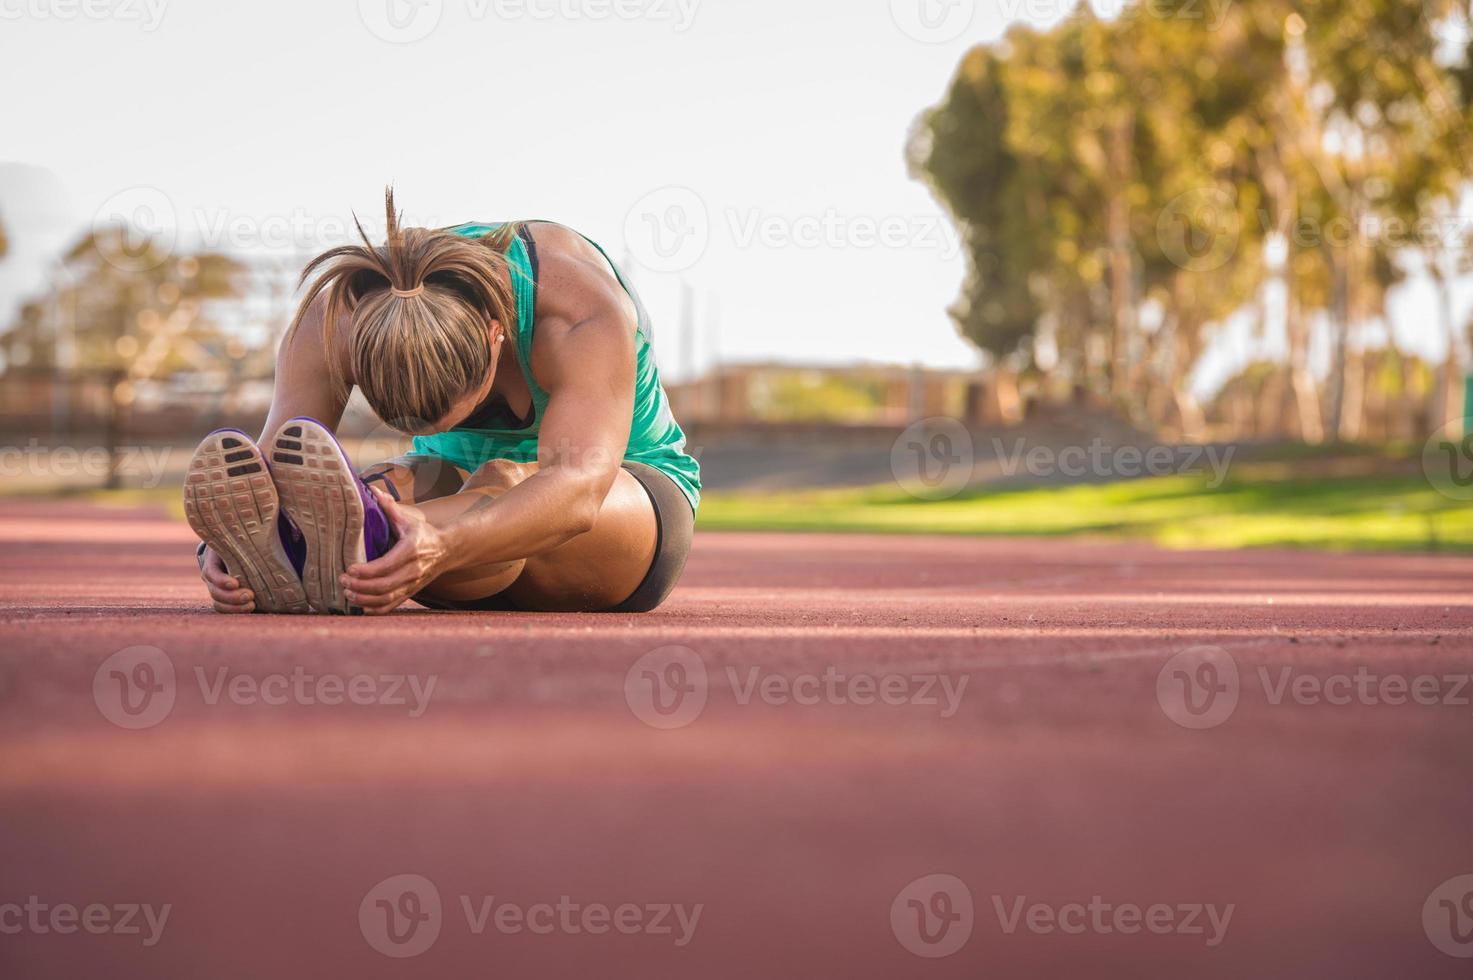 Sportlerin, die sich auf einer Laufbahn ausdehnt foto